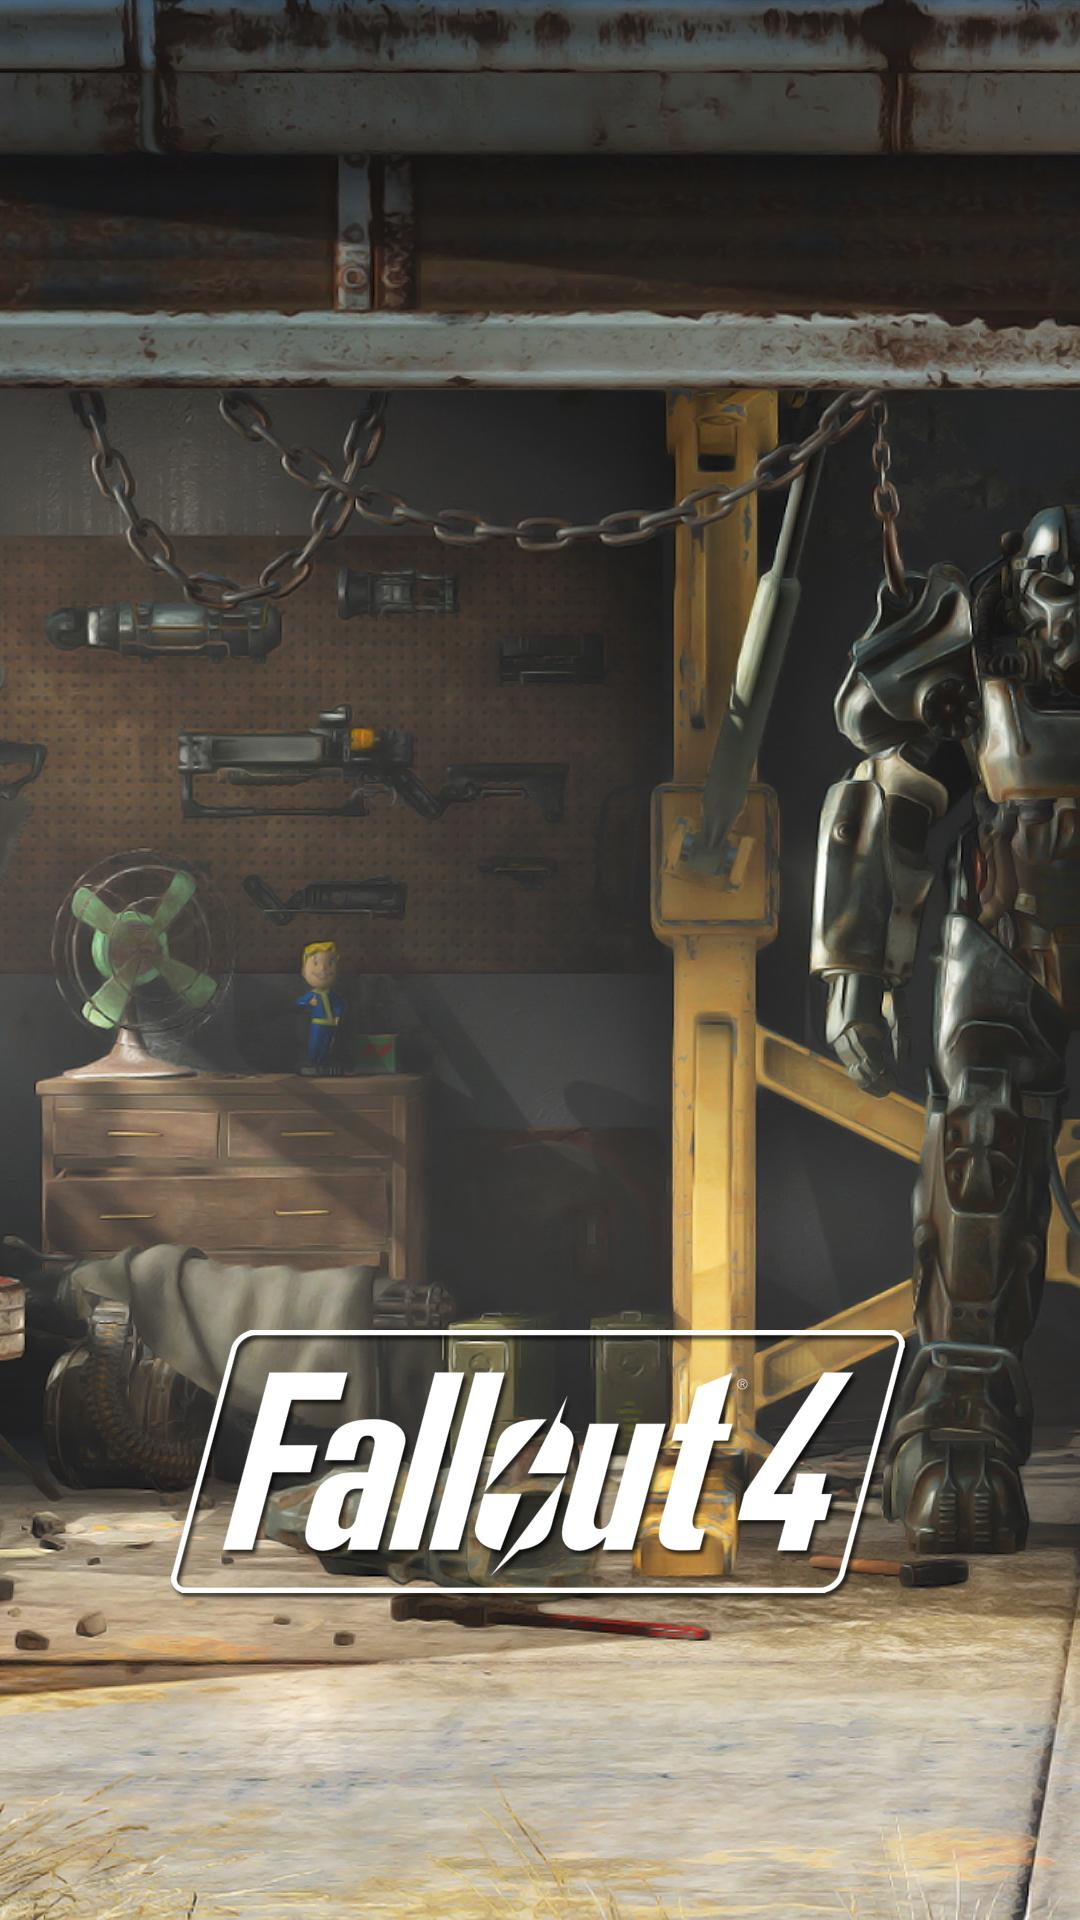 Fallout 4 telephone